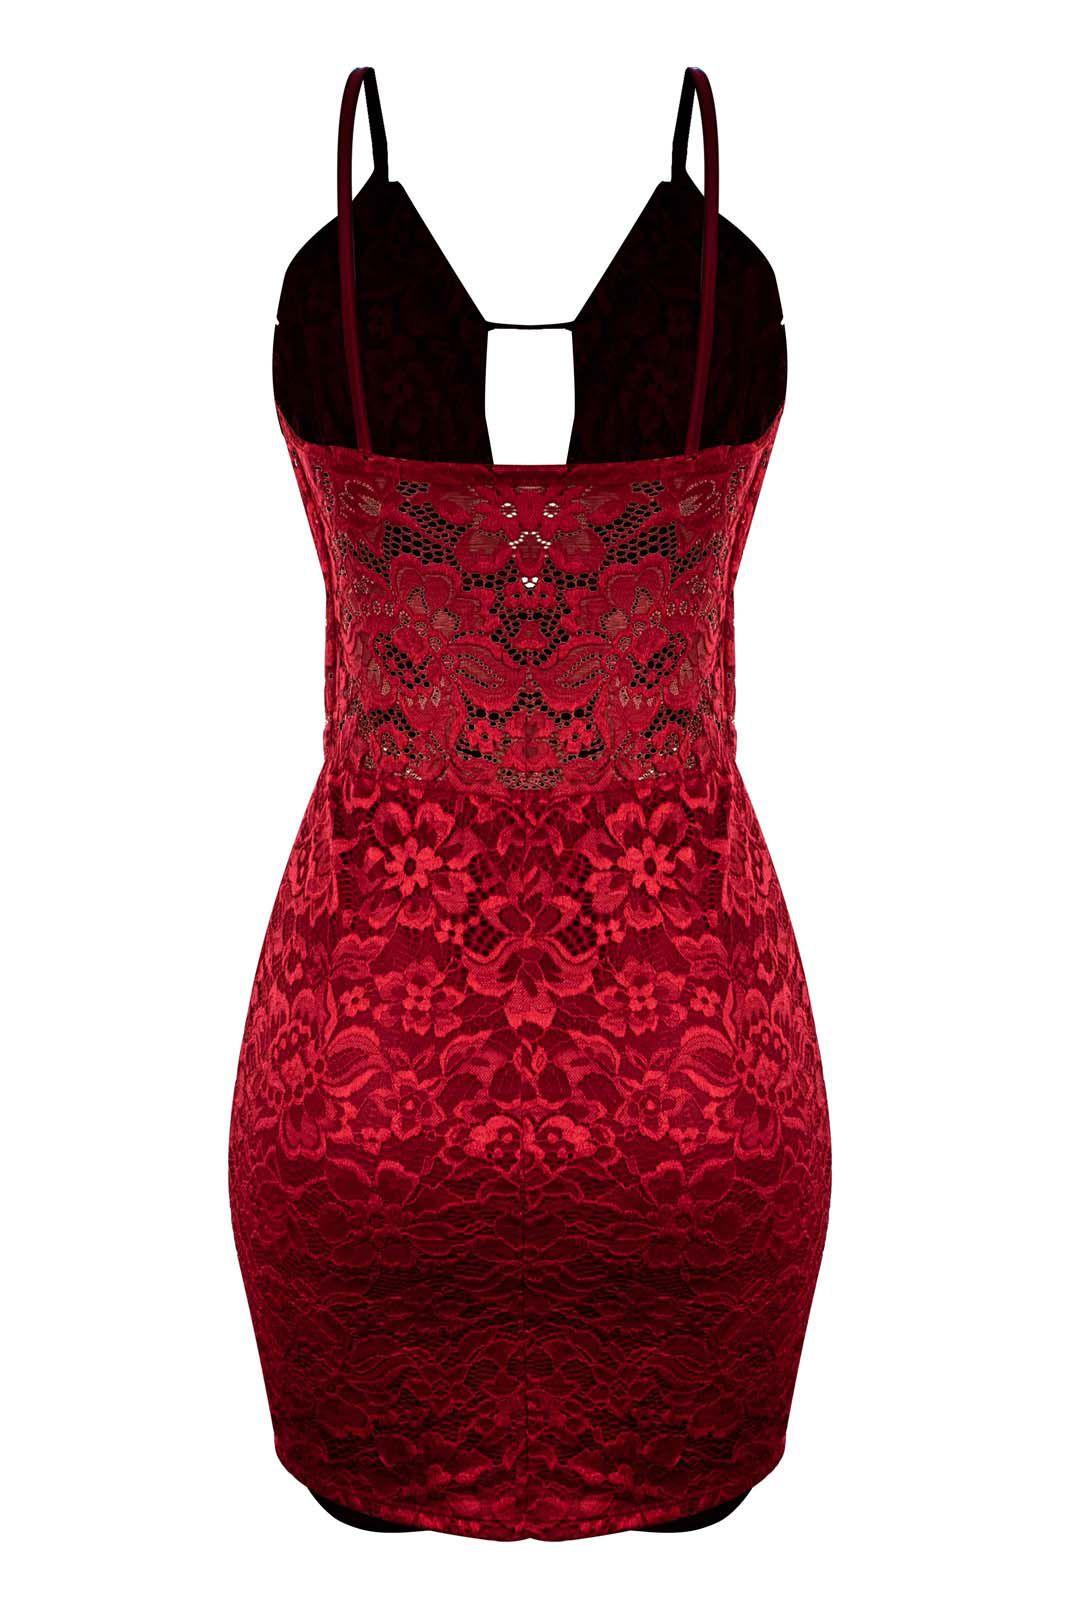 Vestido OutletDri Casual Curto Festa Renda Rendada Alcinha Fina Decote Tiras Vermelho